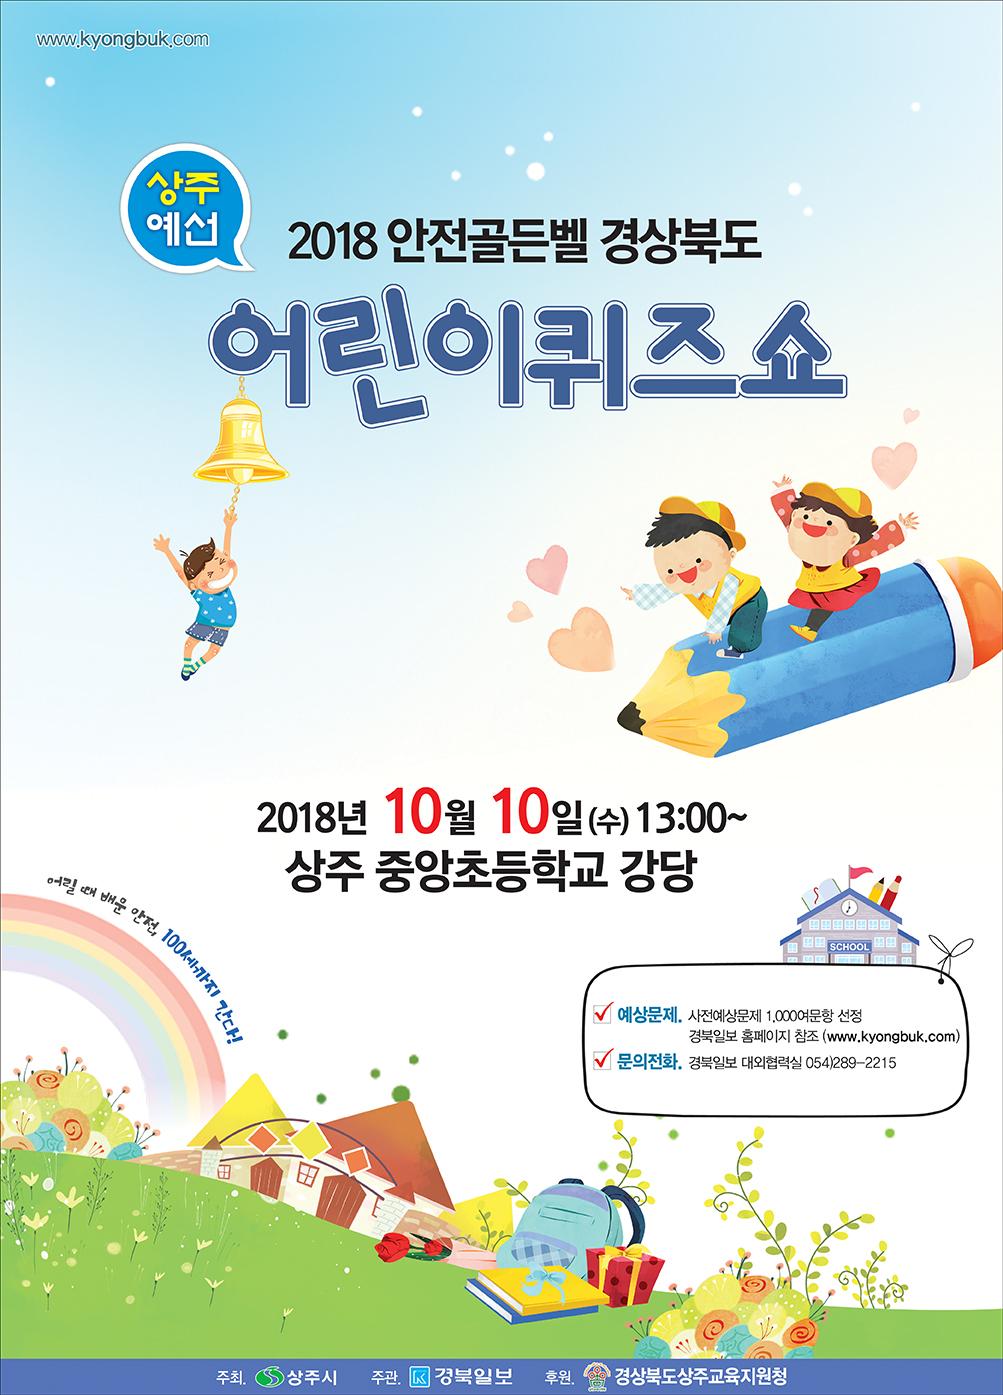 2018_안전골든벨 상주예선_pop.jpg